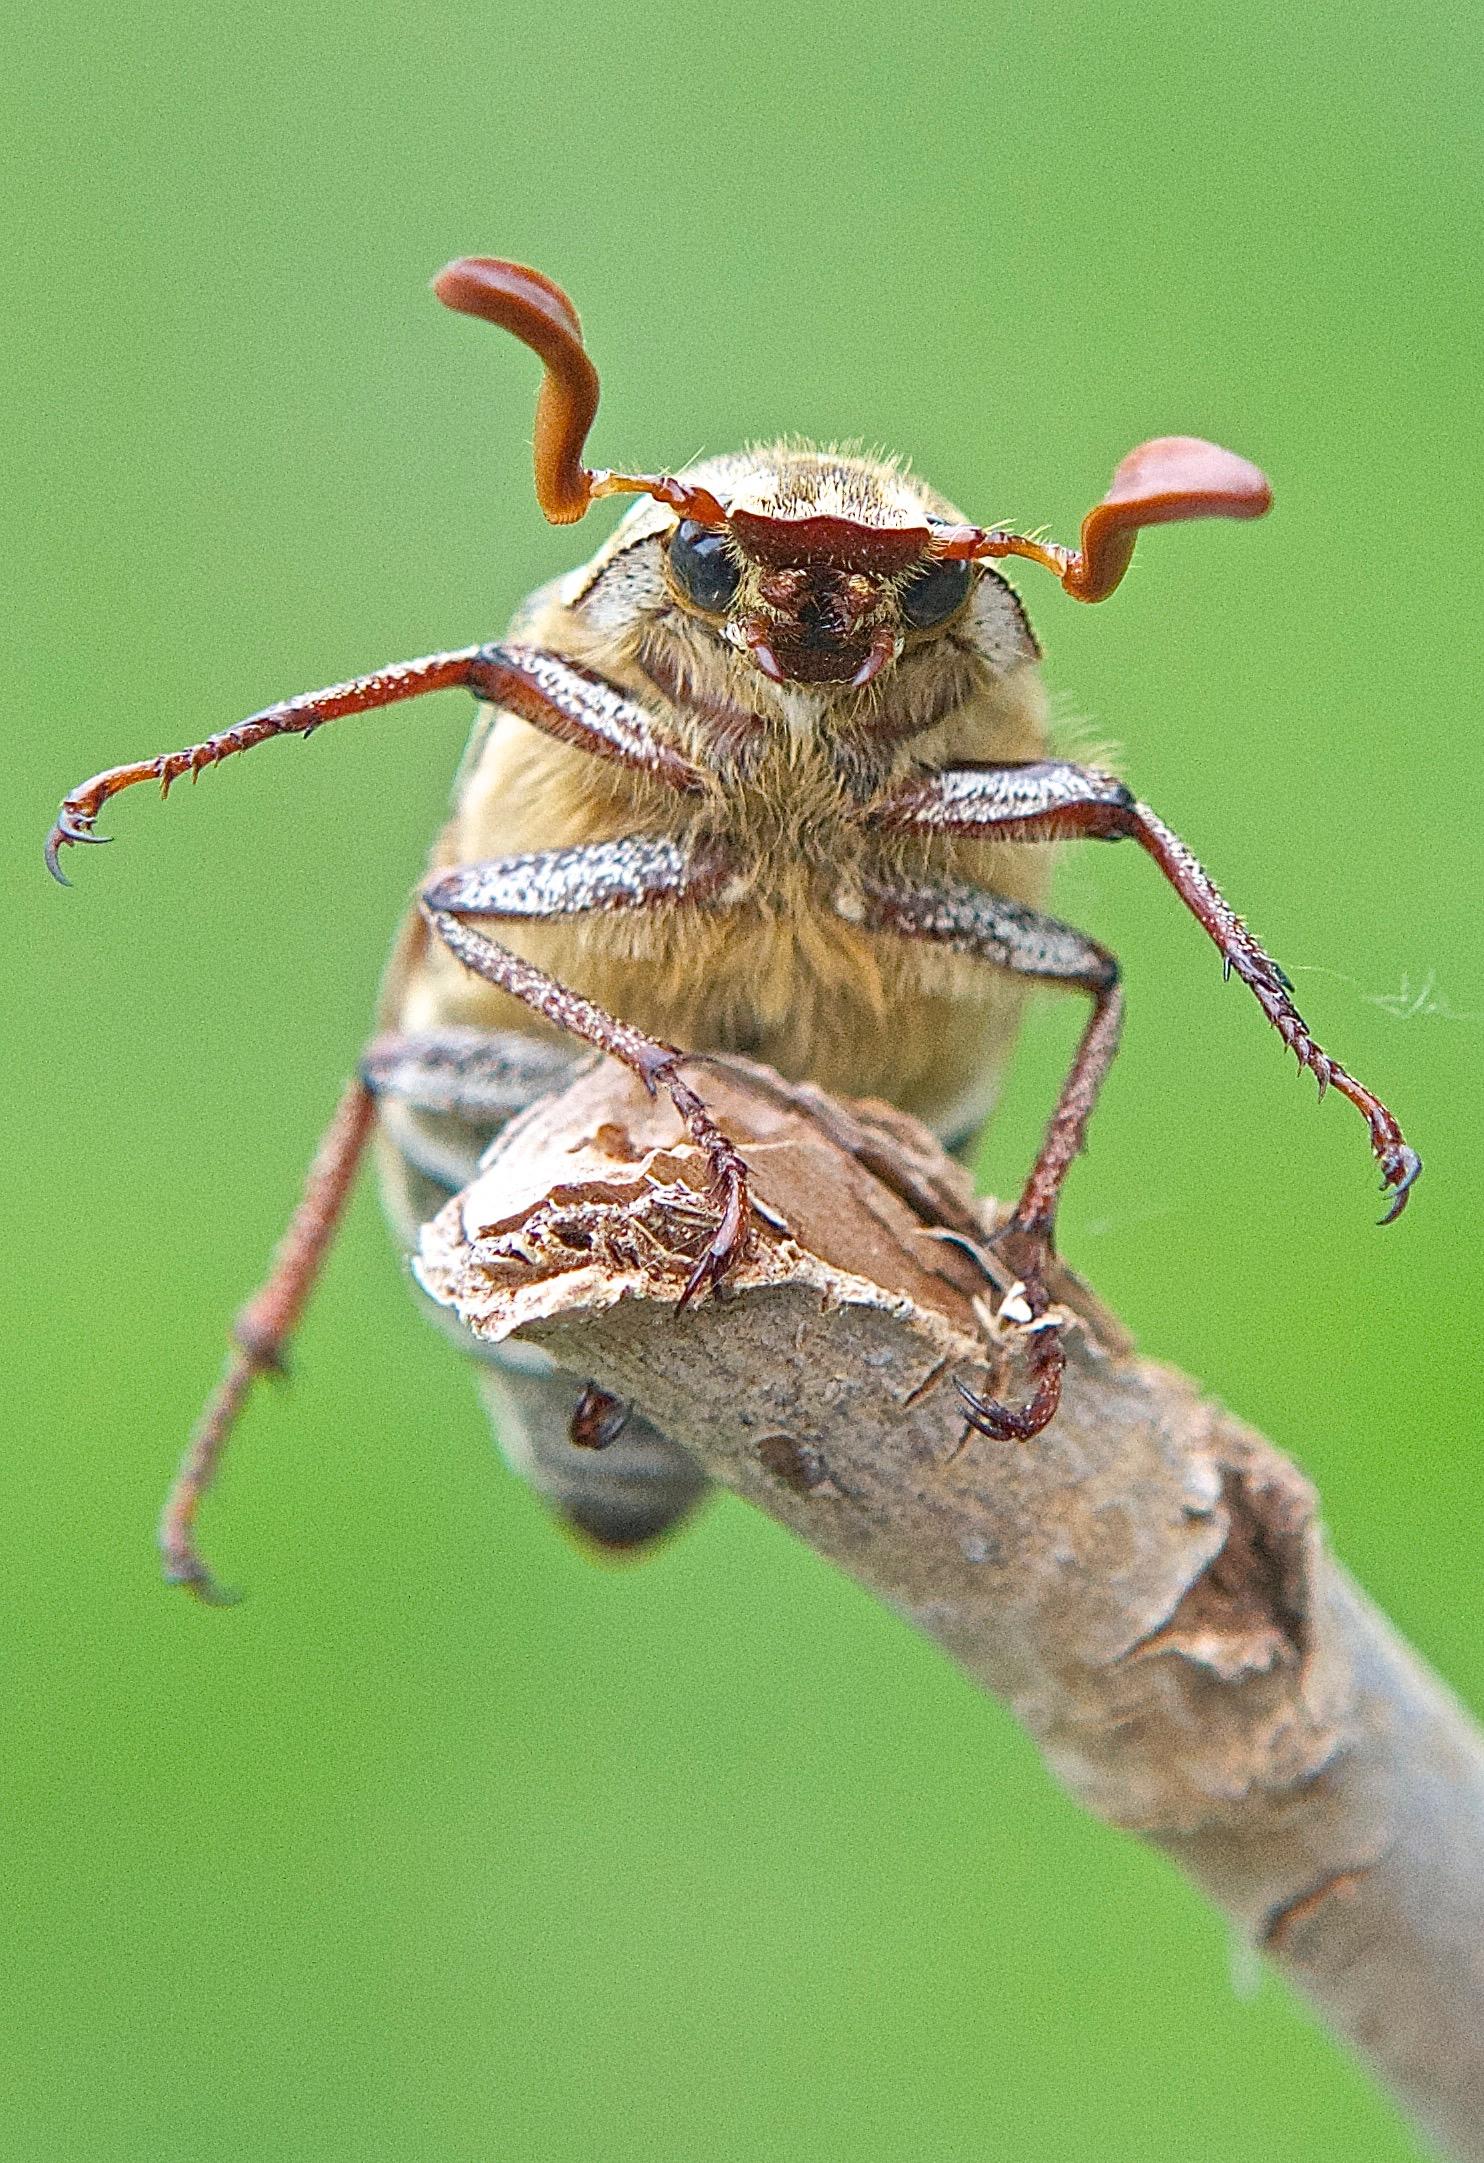 Ten-Lined June Beetle